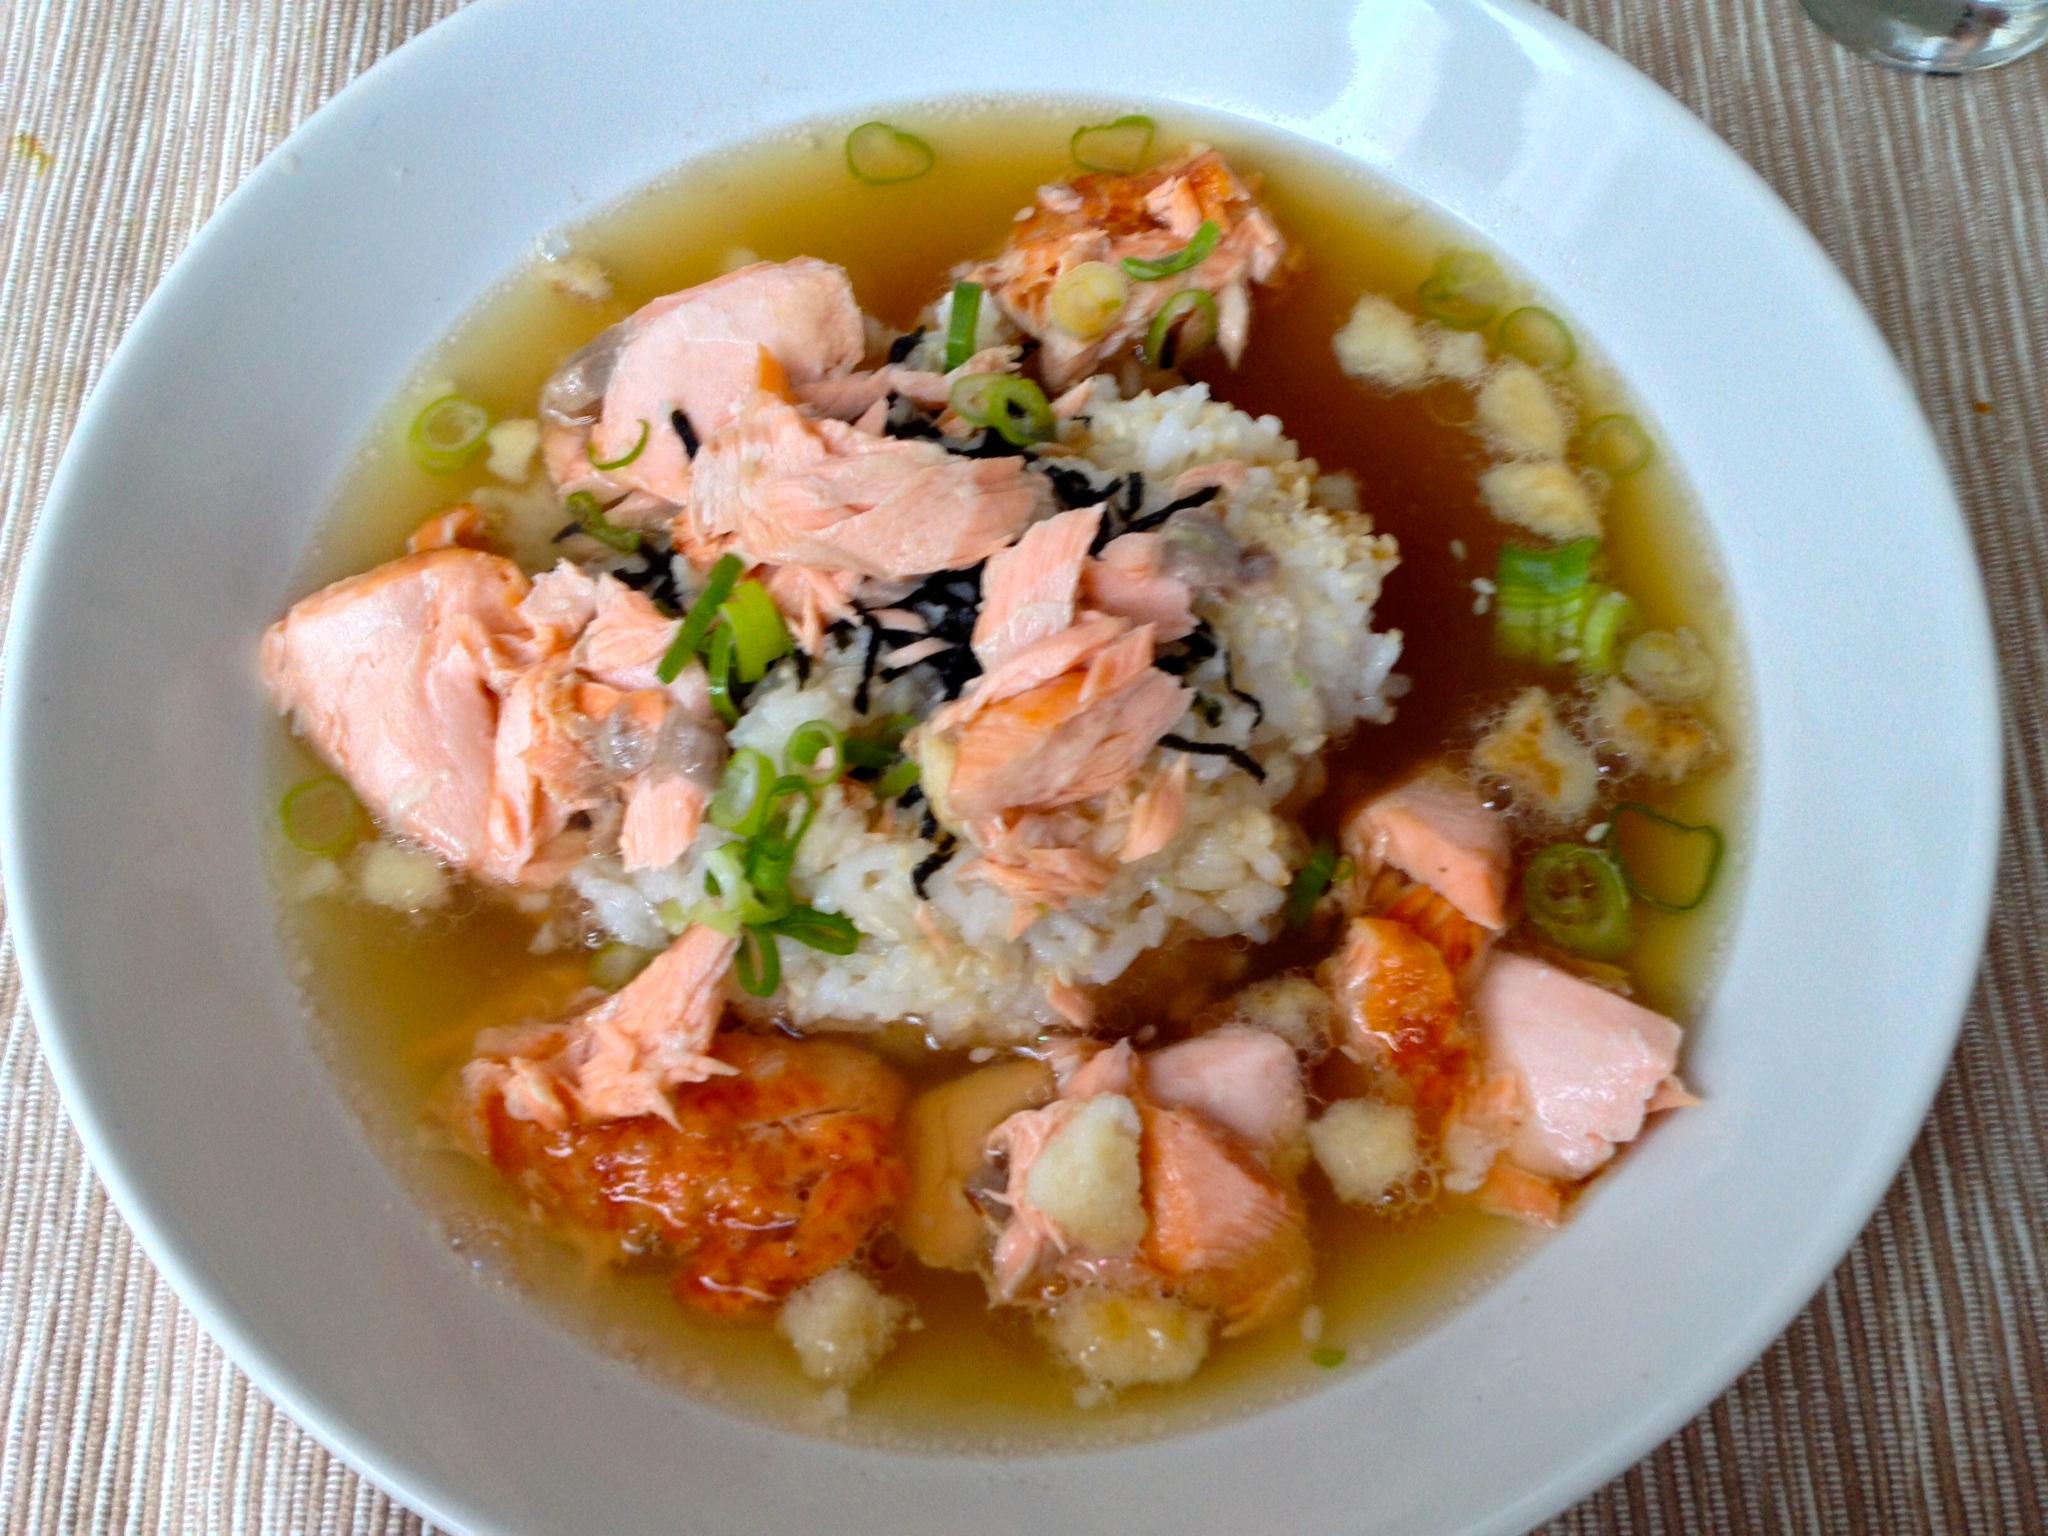 My attempt at ochazuke (recipe from justonecookbook.com)